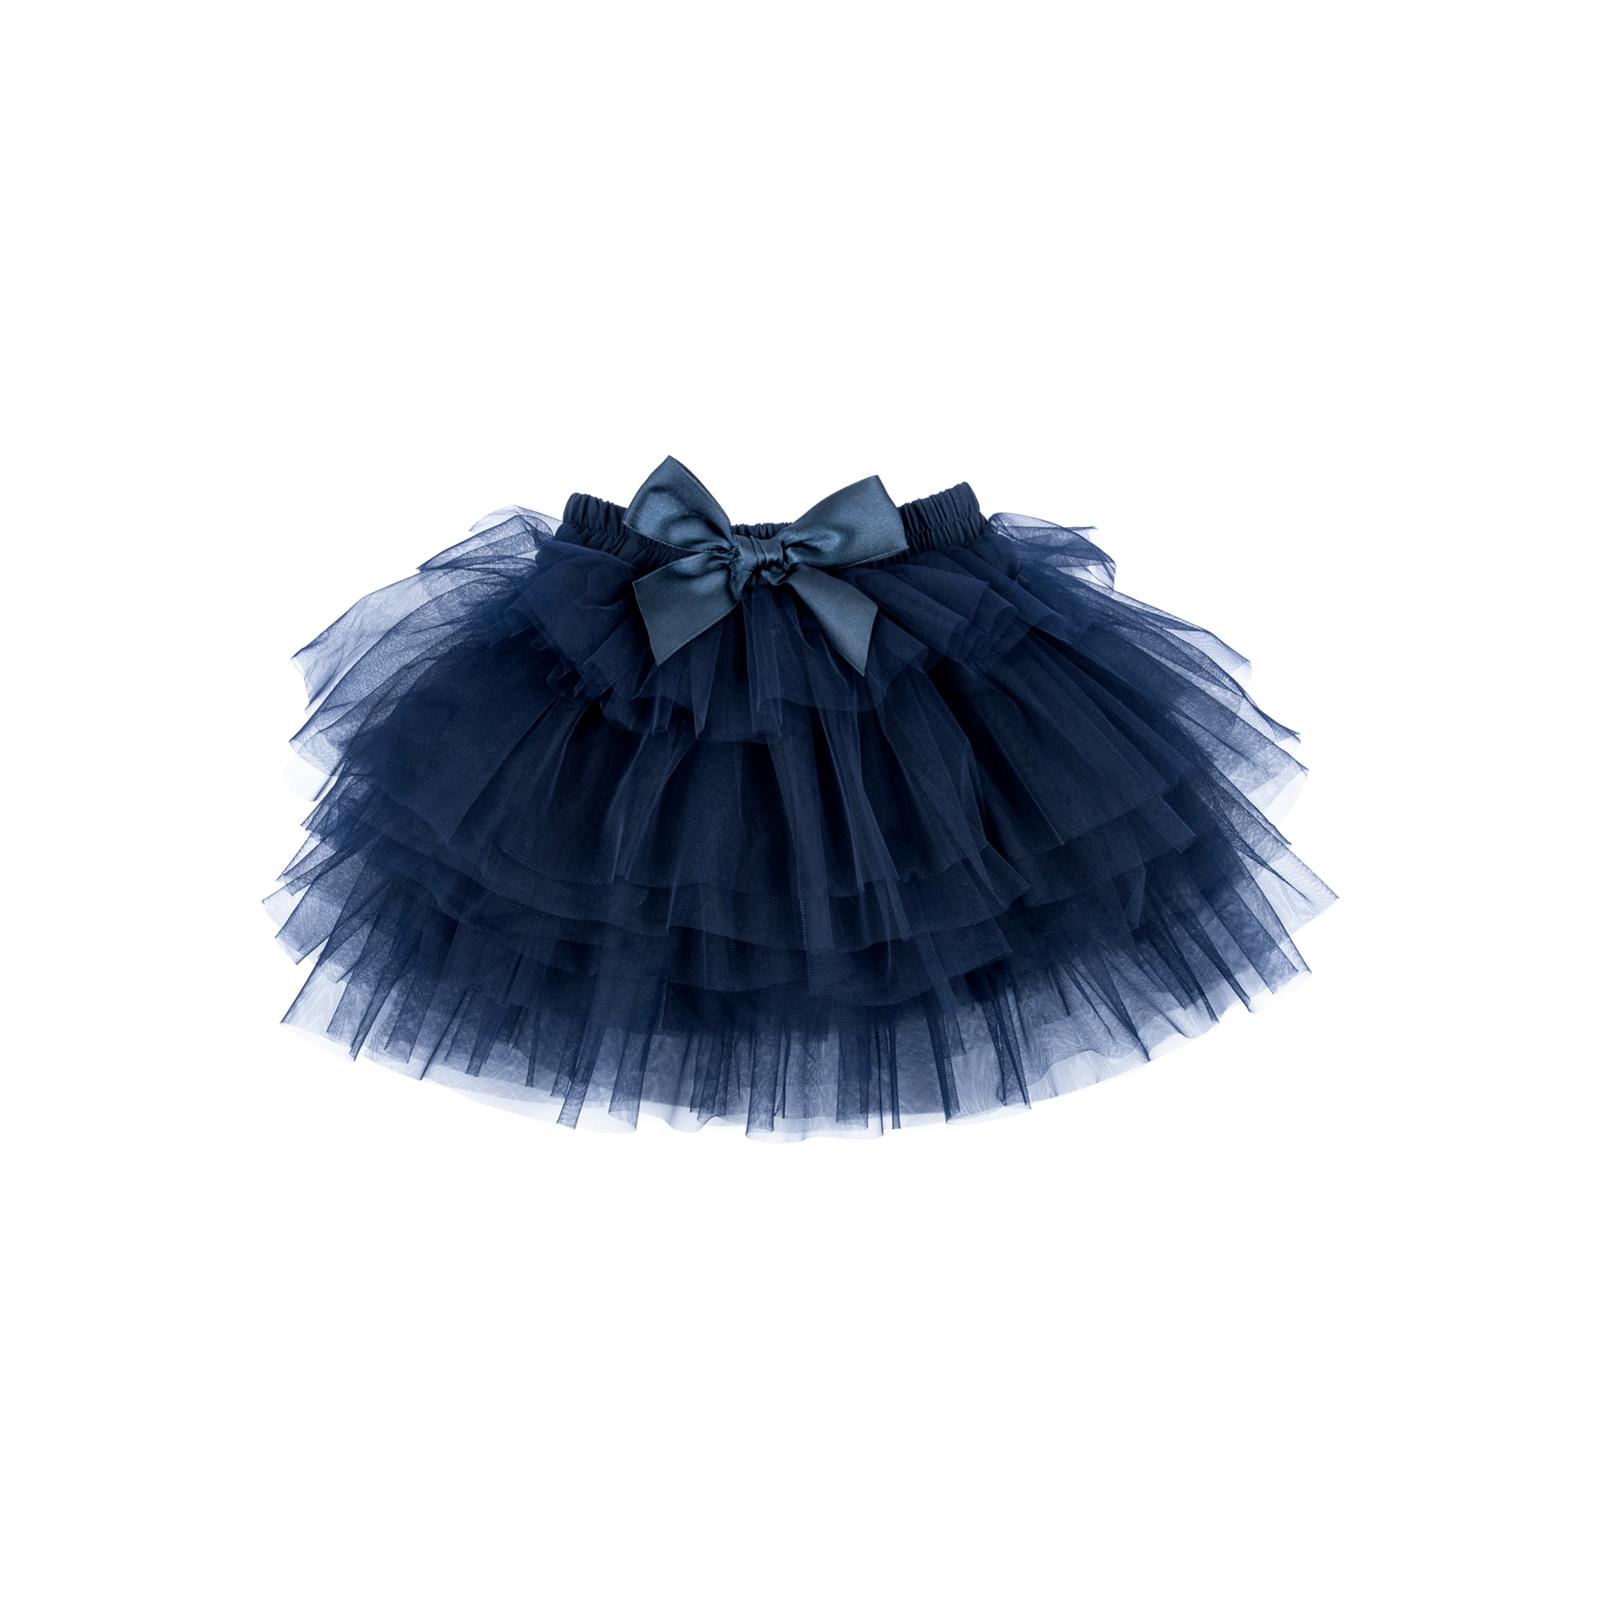 Юбка Breeze фатиновая многослойная (9937-98G-blue)